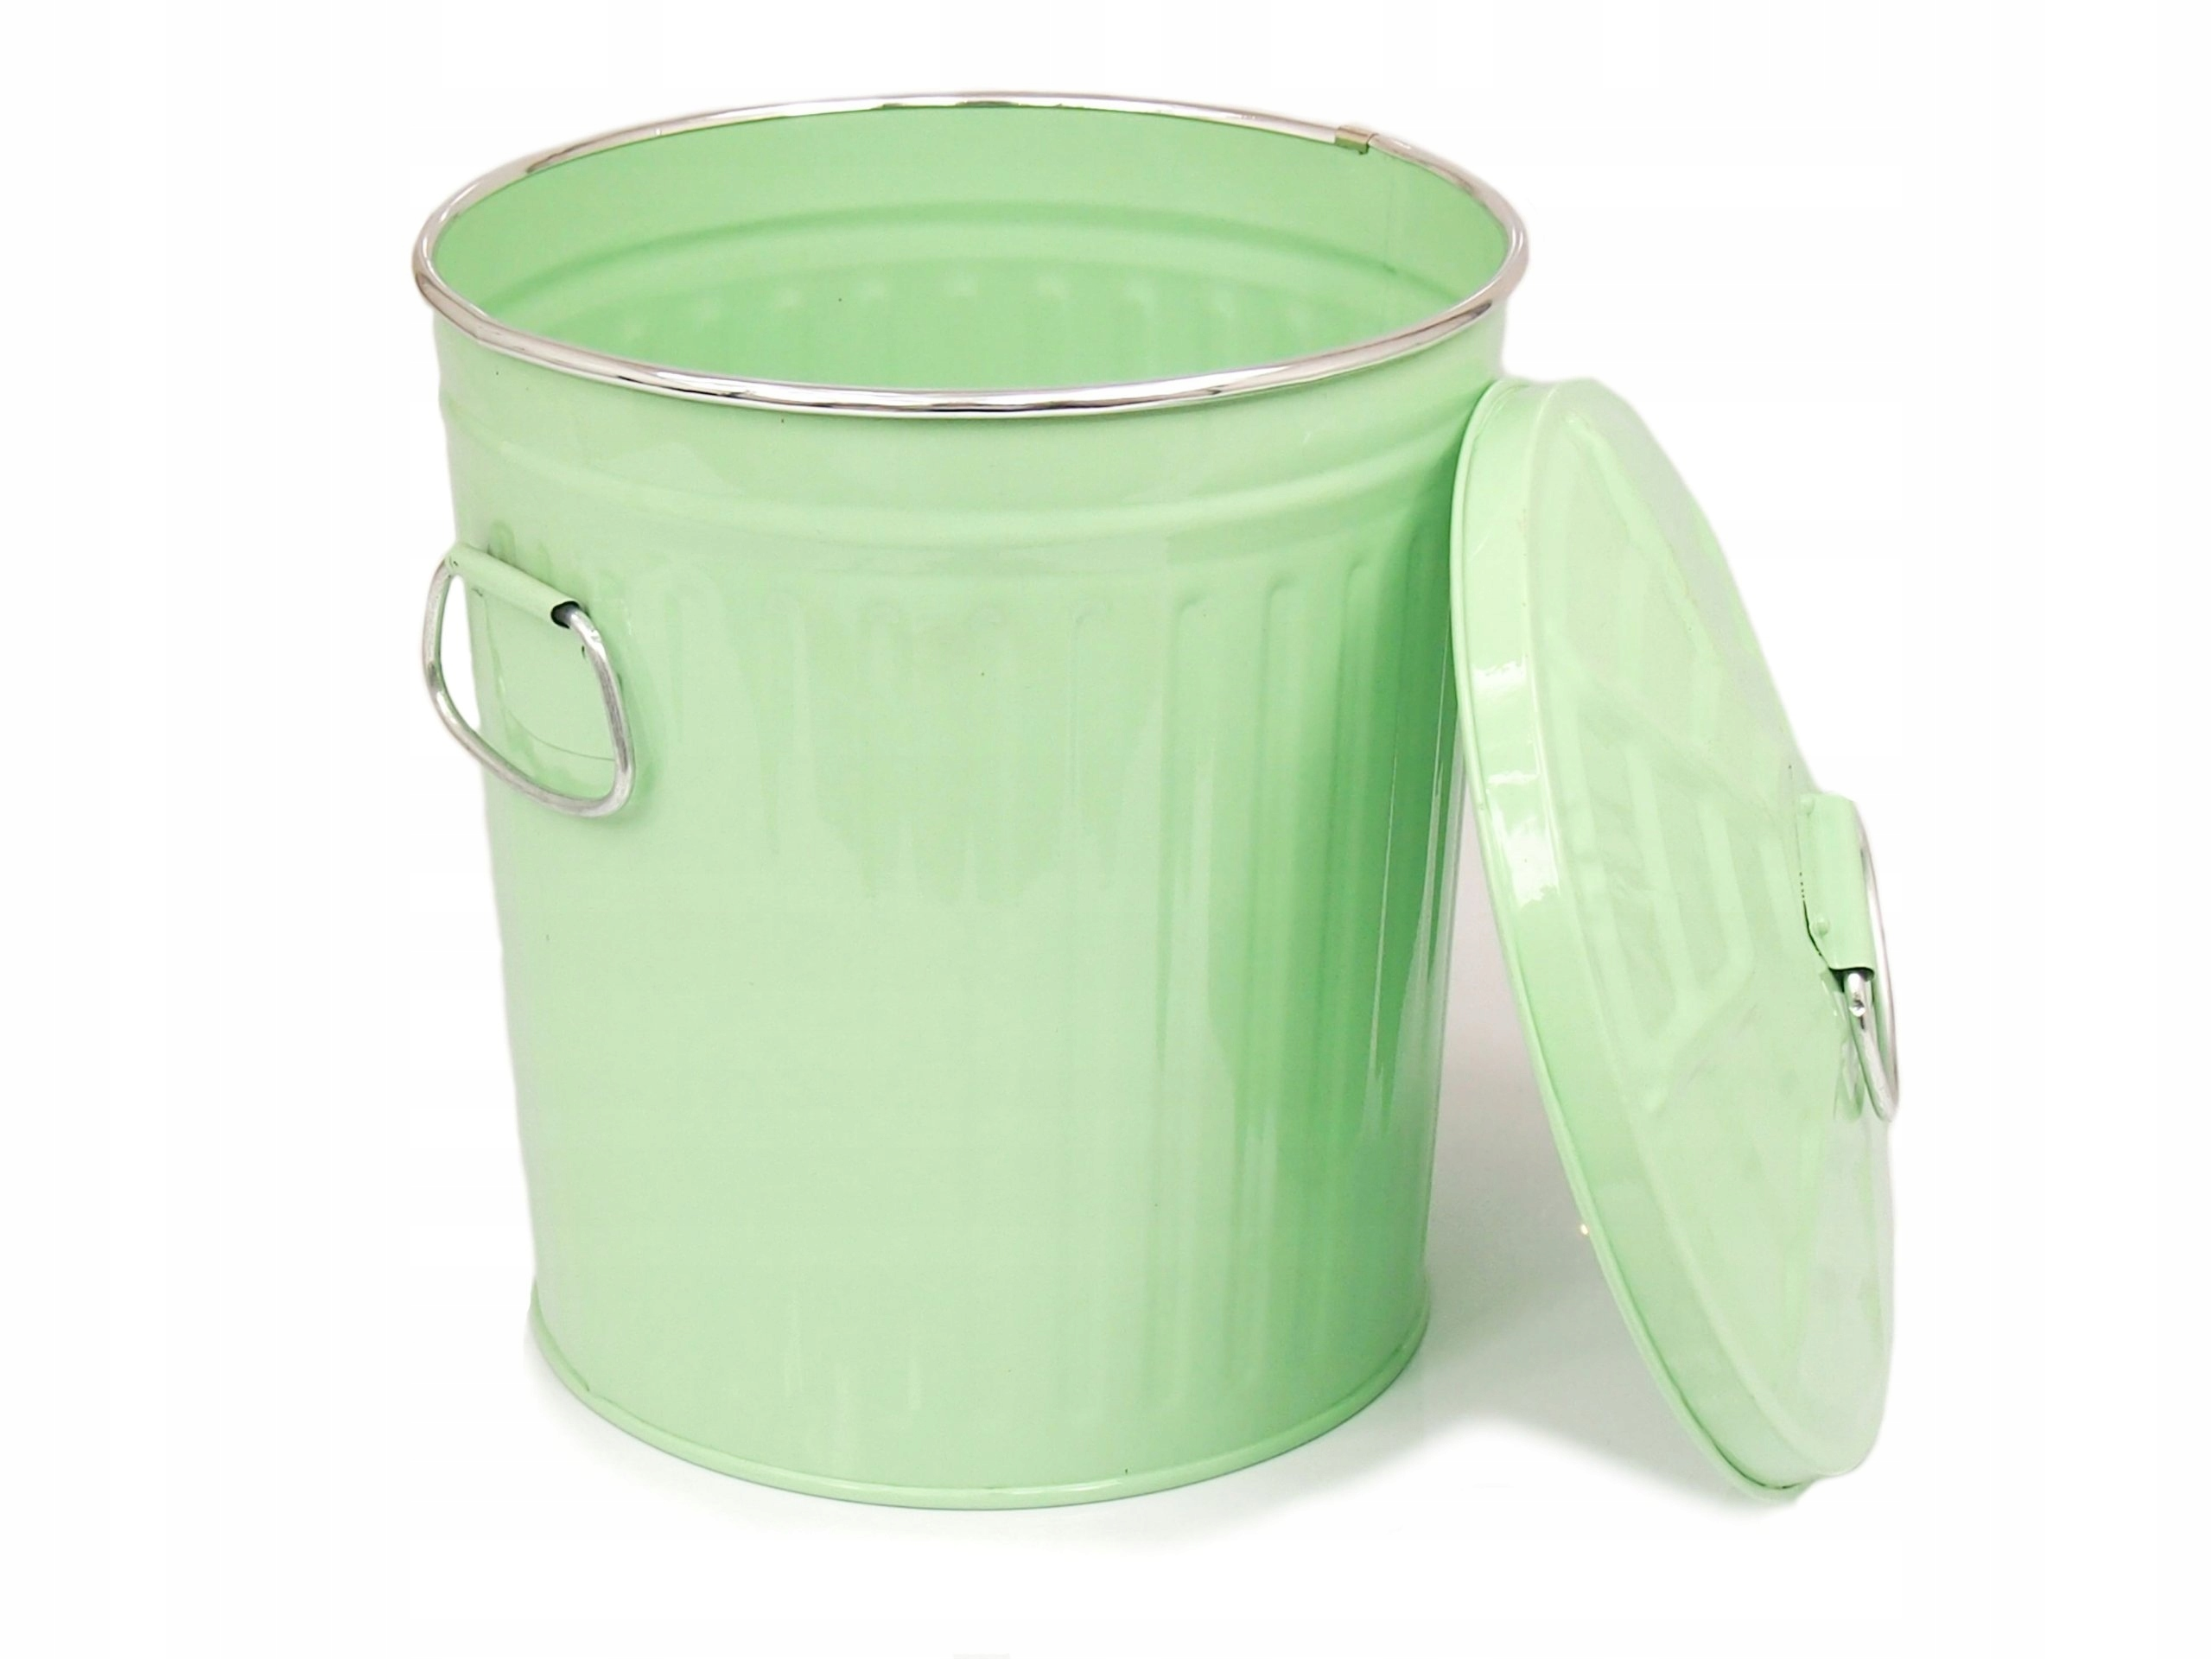 Topnotch duży KOSZ OCYNK pranie lub śmieci 40cm 43l miętowy - 6689332153 RL22